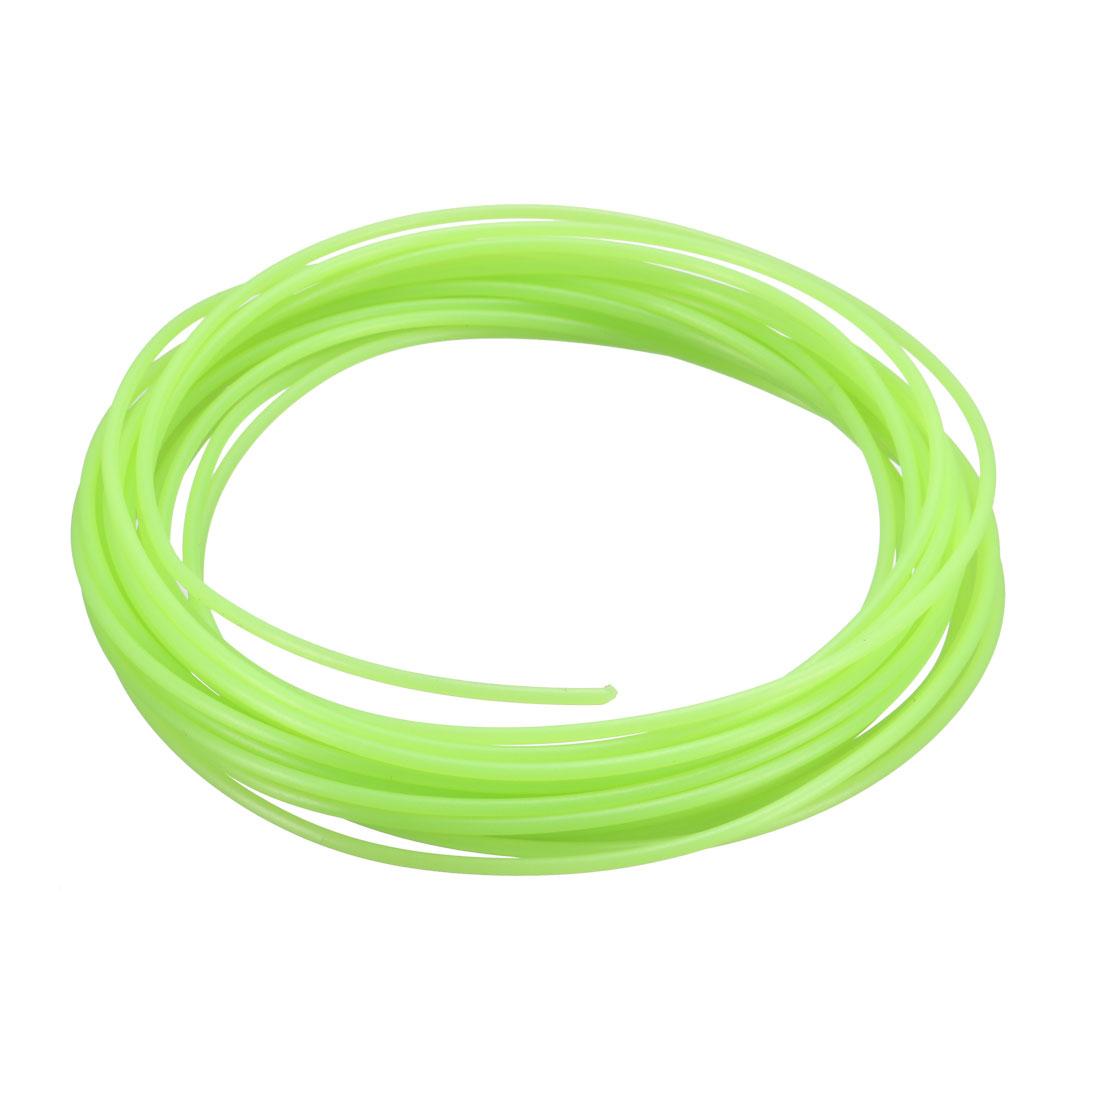 5 Meter/16 Ft PLA 3D Pen/3D Printer Filament, 1.75 mm Luminous Green